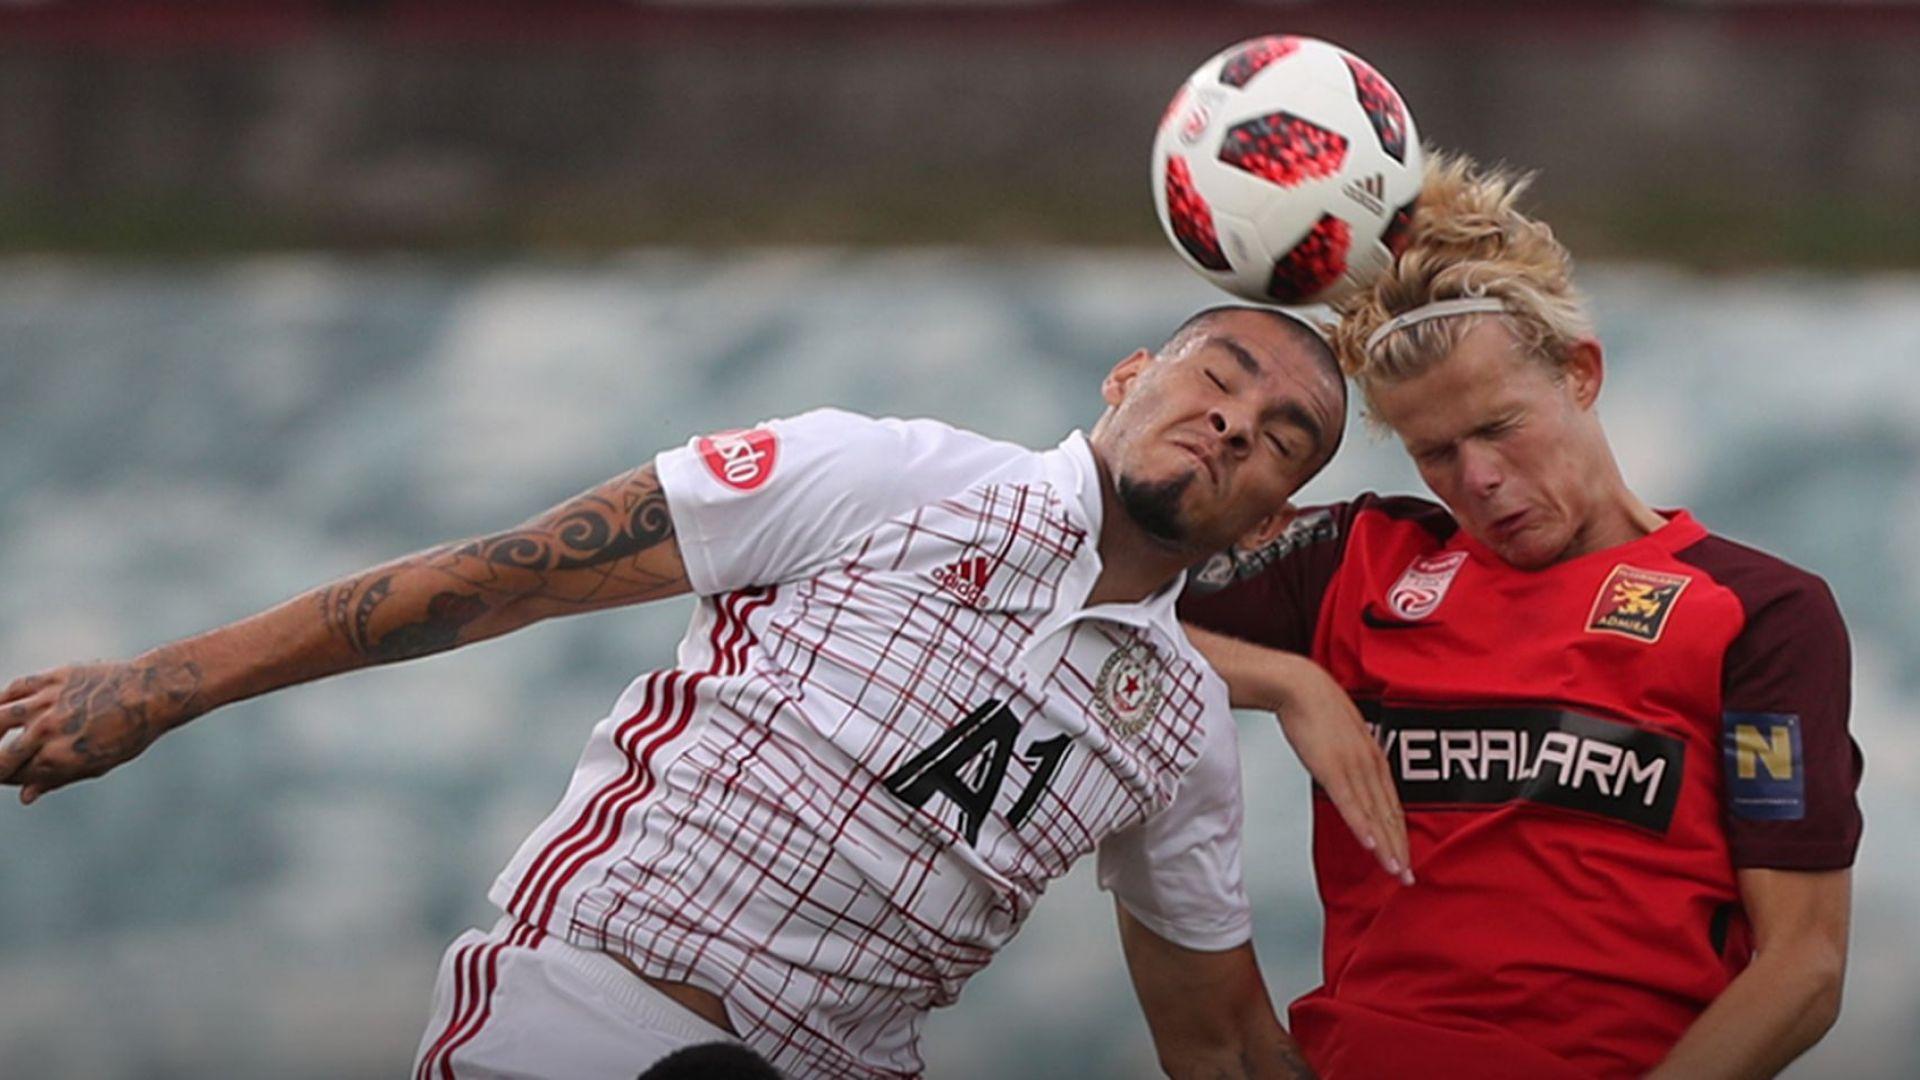 ЦСКА мина победно и през Виена в познат пестелив и ефективен стил